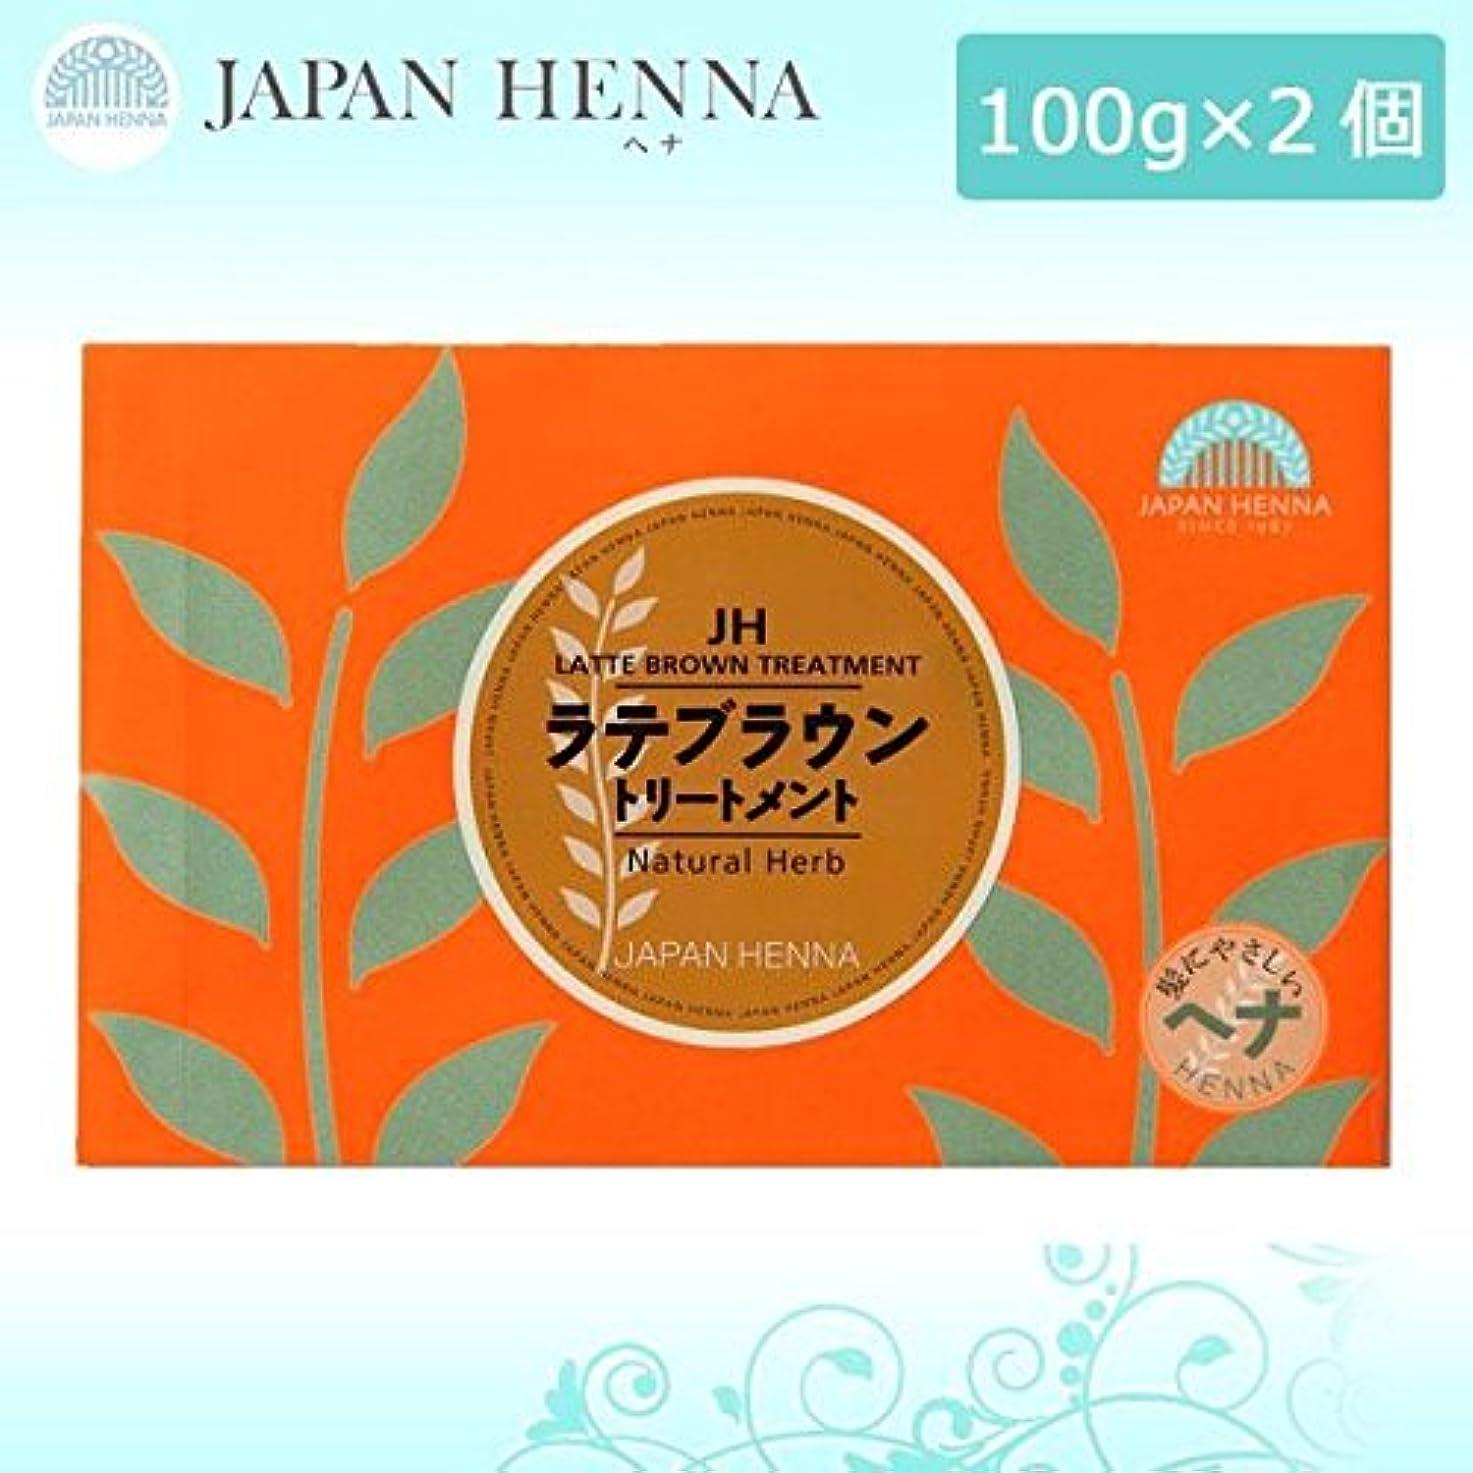 平野俳優リズミカルなジャパンヘナ ヘナカラートリートメント ラテブラウン B-10 100g×2個セット